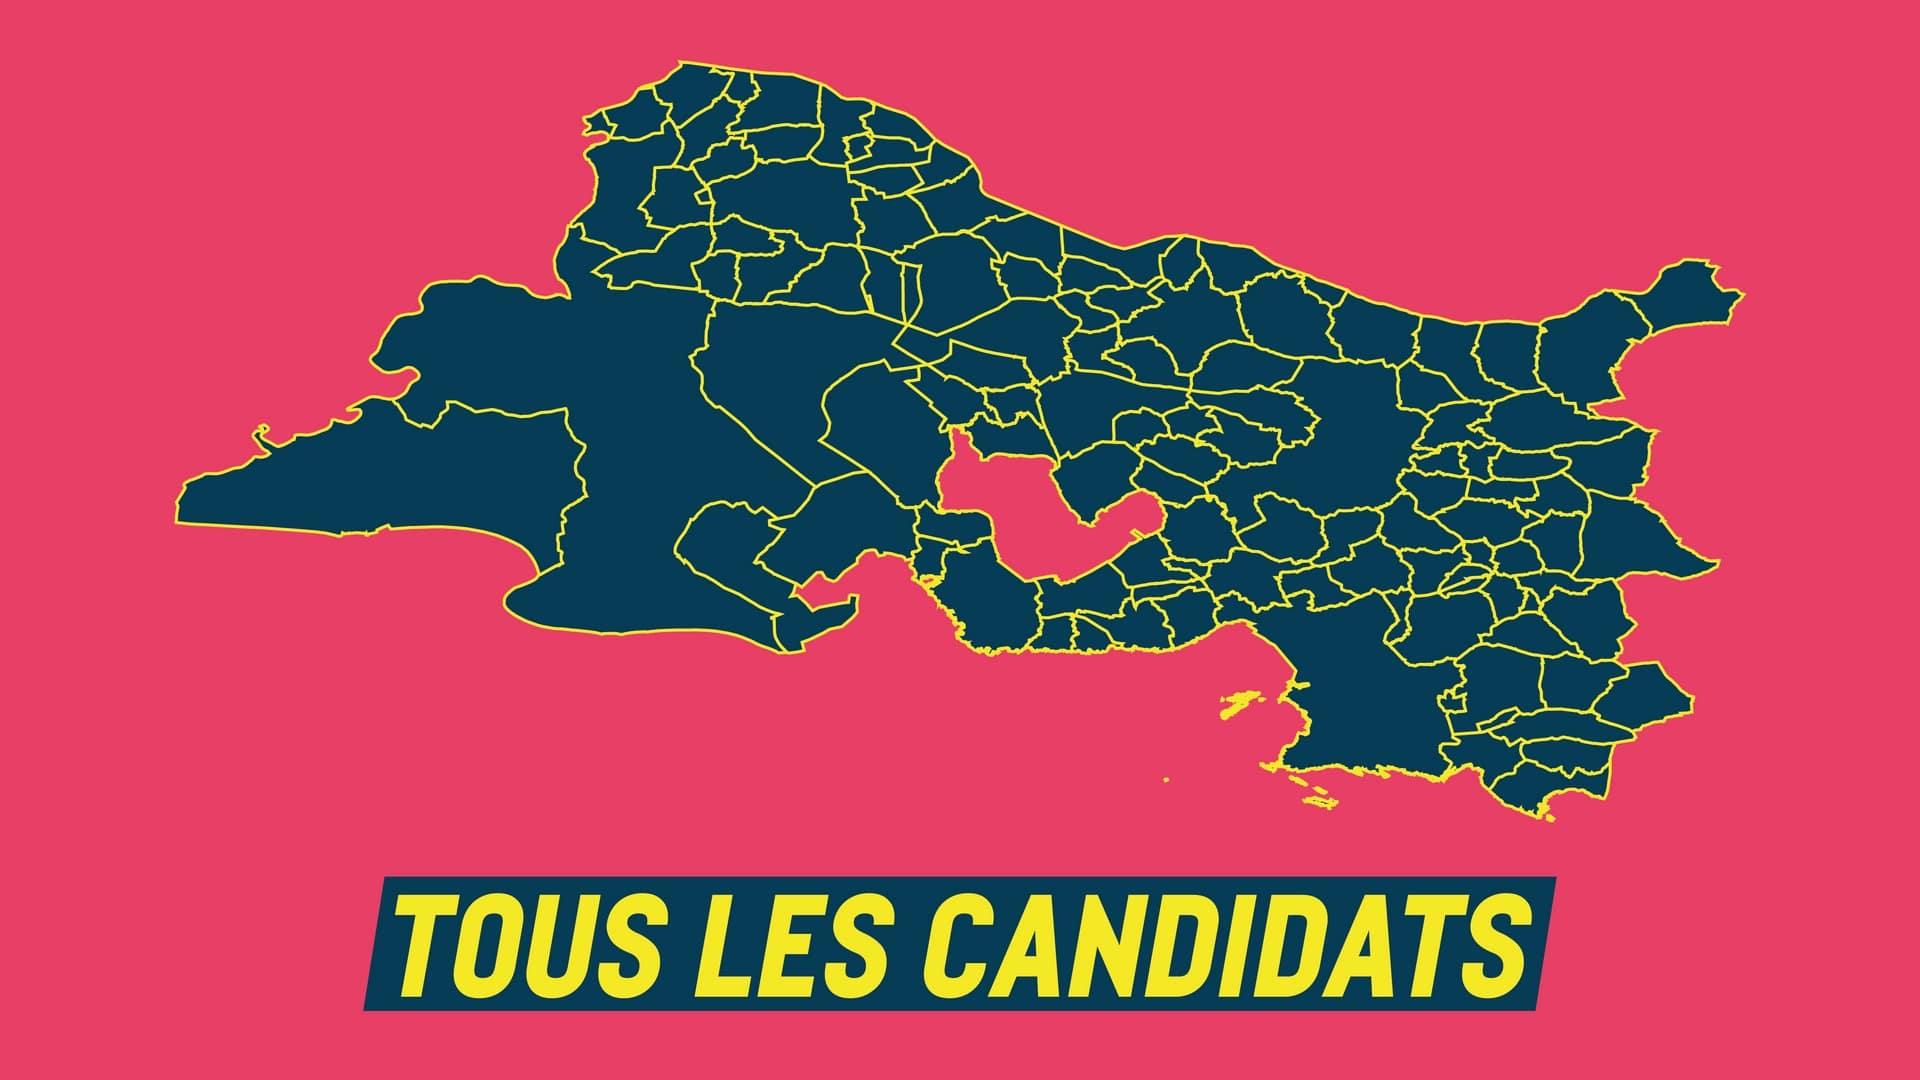 Tous les candidats